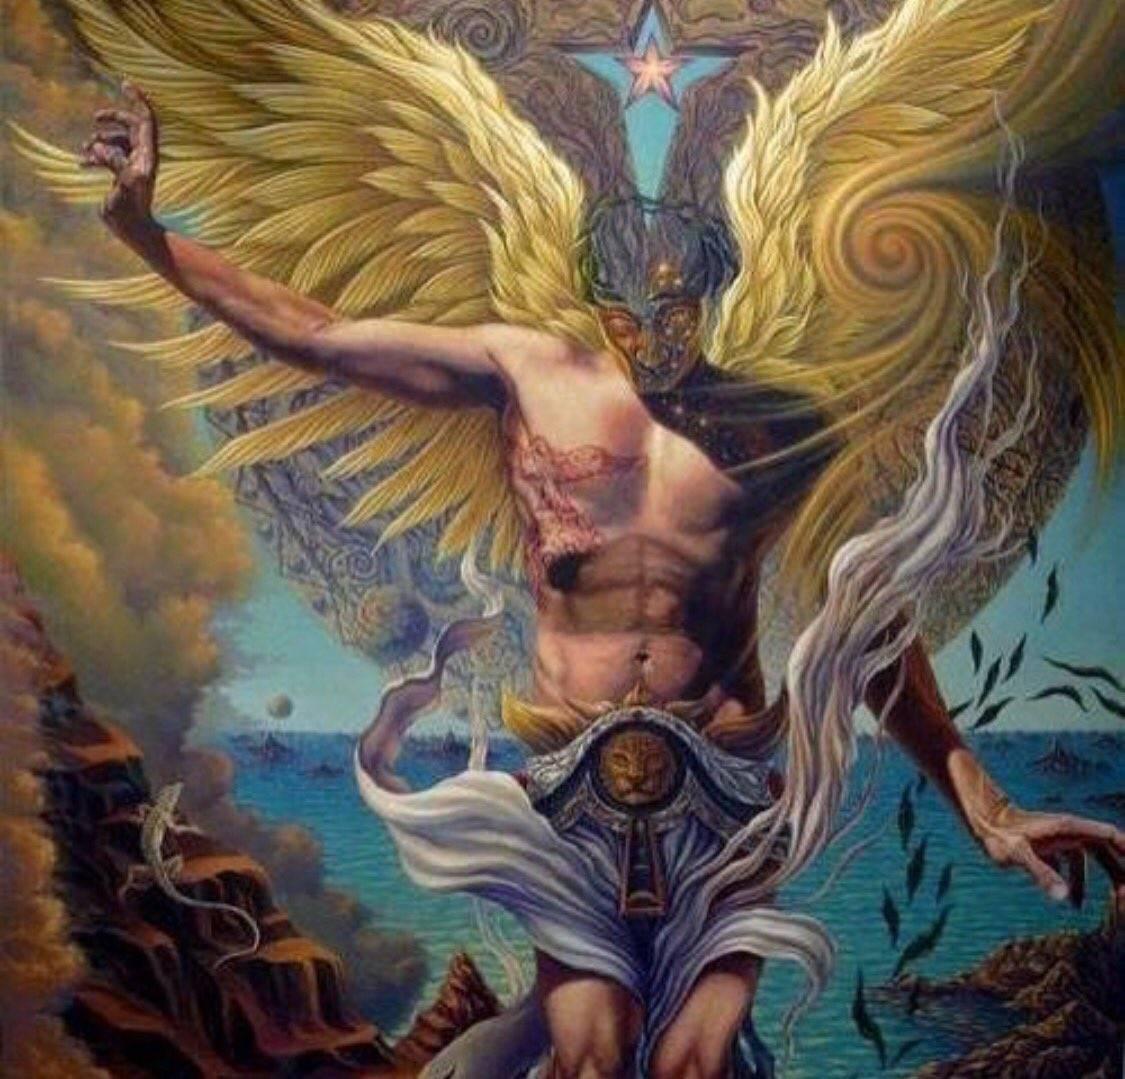 Мифические имена ангелов женщин. падшие ангелы: имена, истории, легенды, сказания